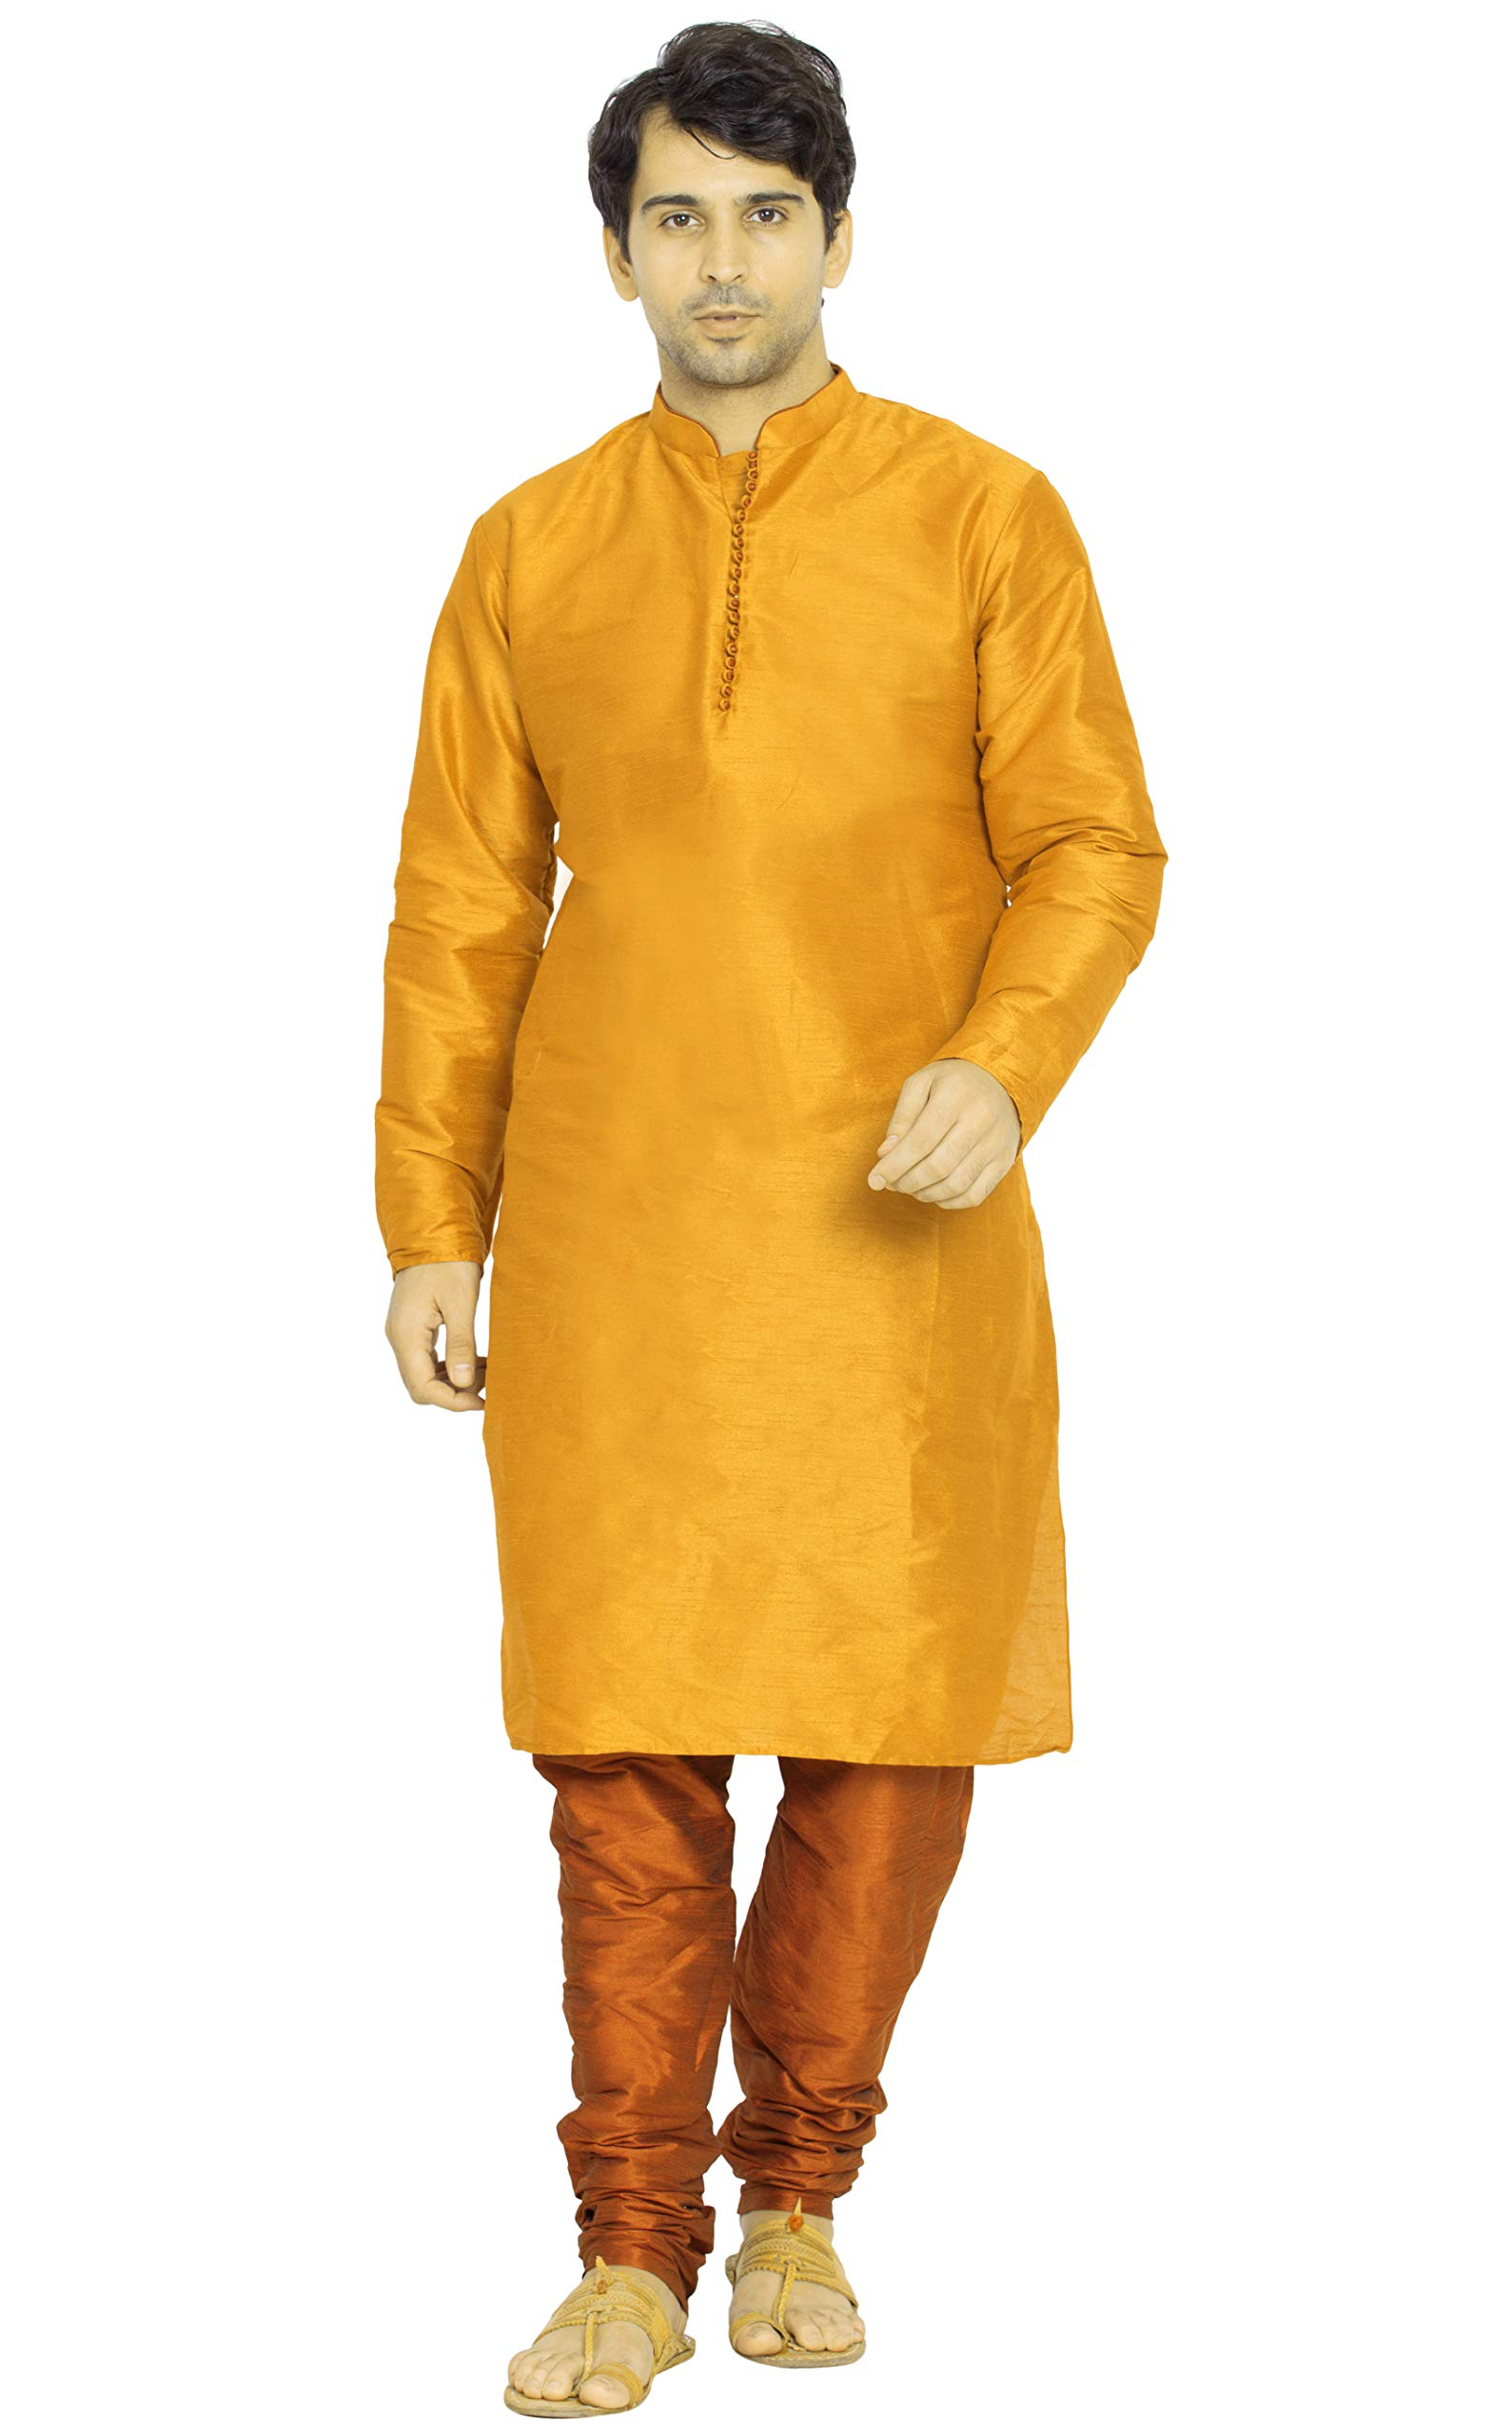 Kurta Pajama for Men Long Sleeve Kurta Pyjama Set Indian Yoga Summer Clothing (XL - Chest : 44 inches, Gold)